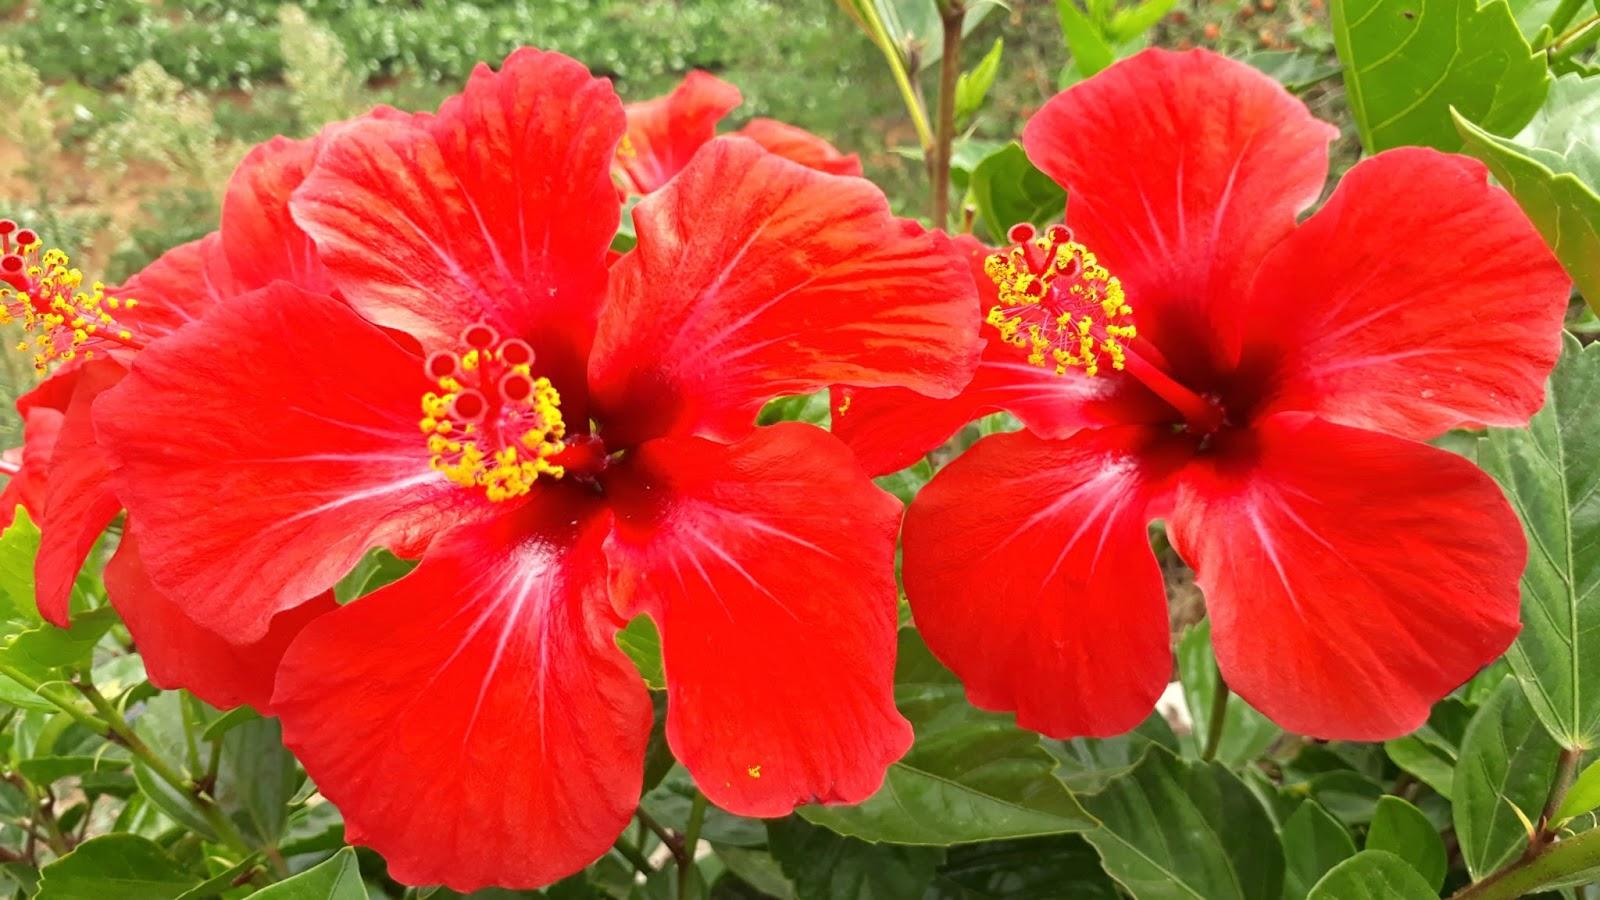 بالصور صور ورد طبيعي , اجمل اشكال الزهور بالصور 4891 10